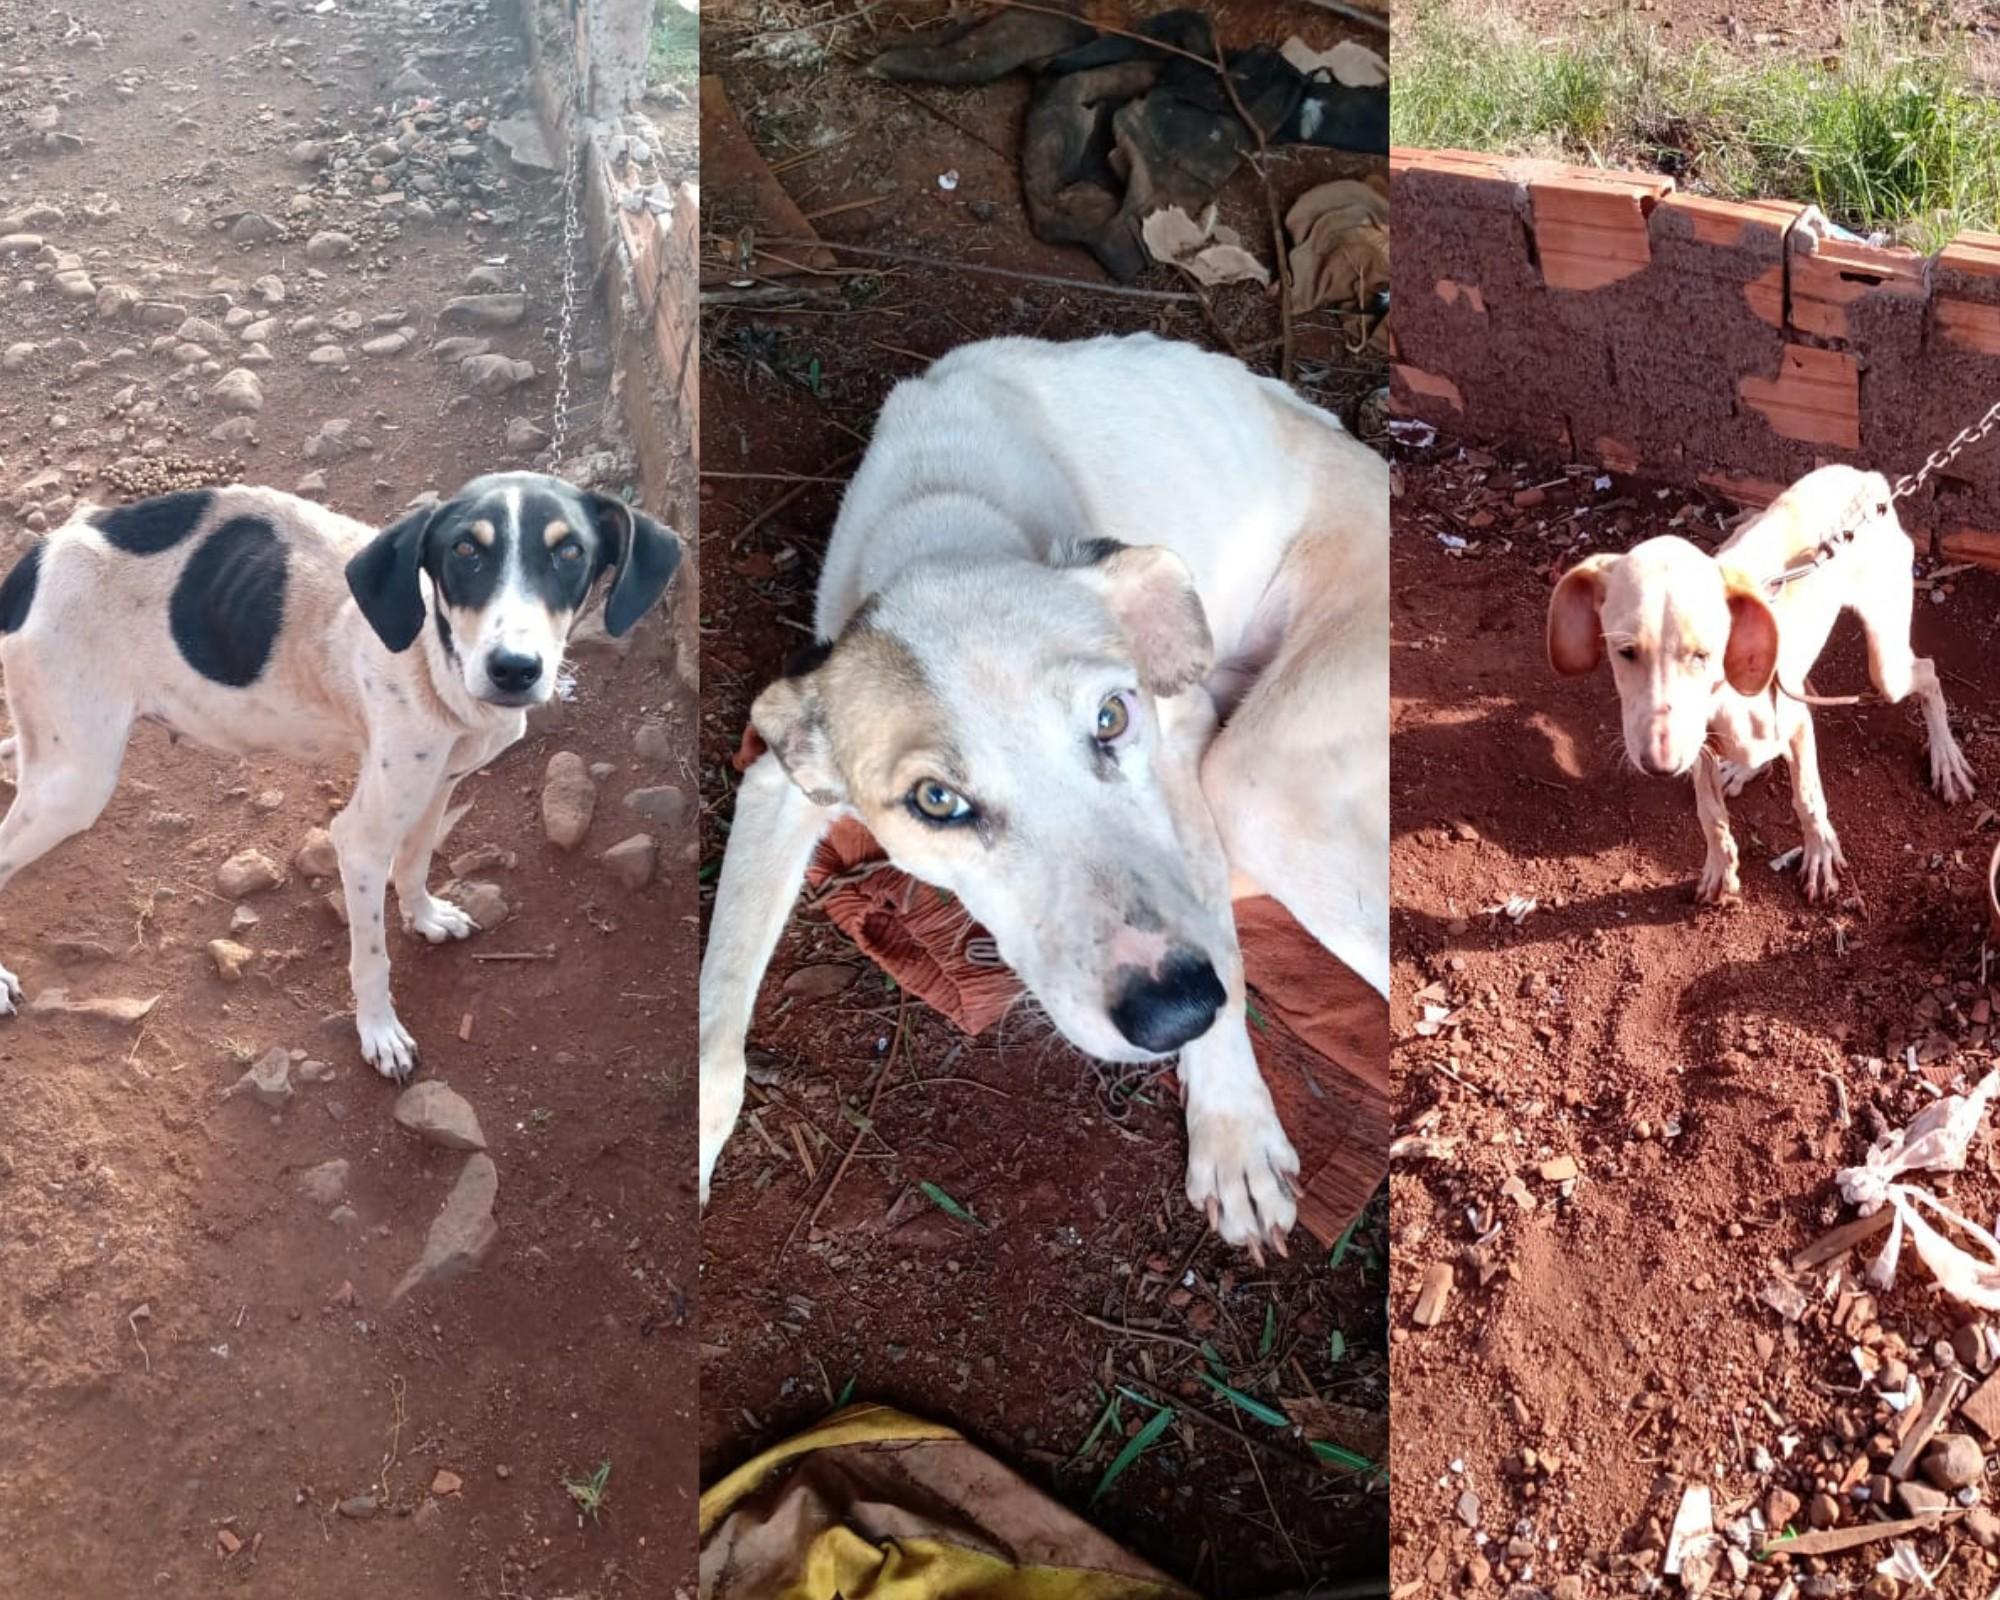 Cães são resgatados em situação de maus-tratos, e dois precisam de atendimento emergencial, em Candói